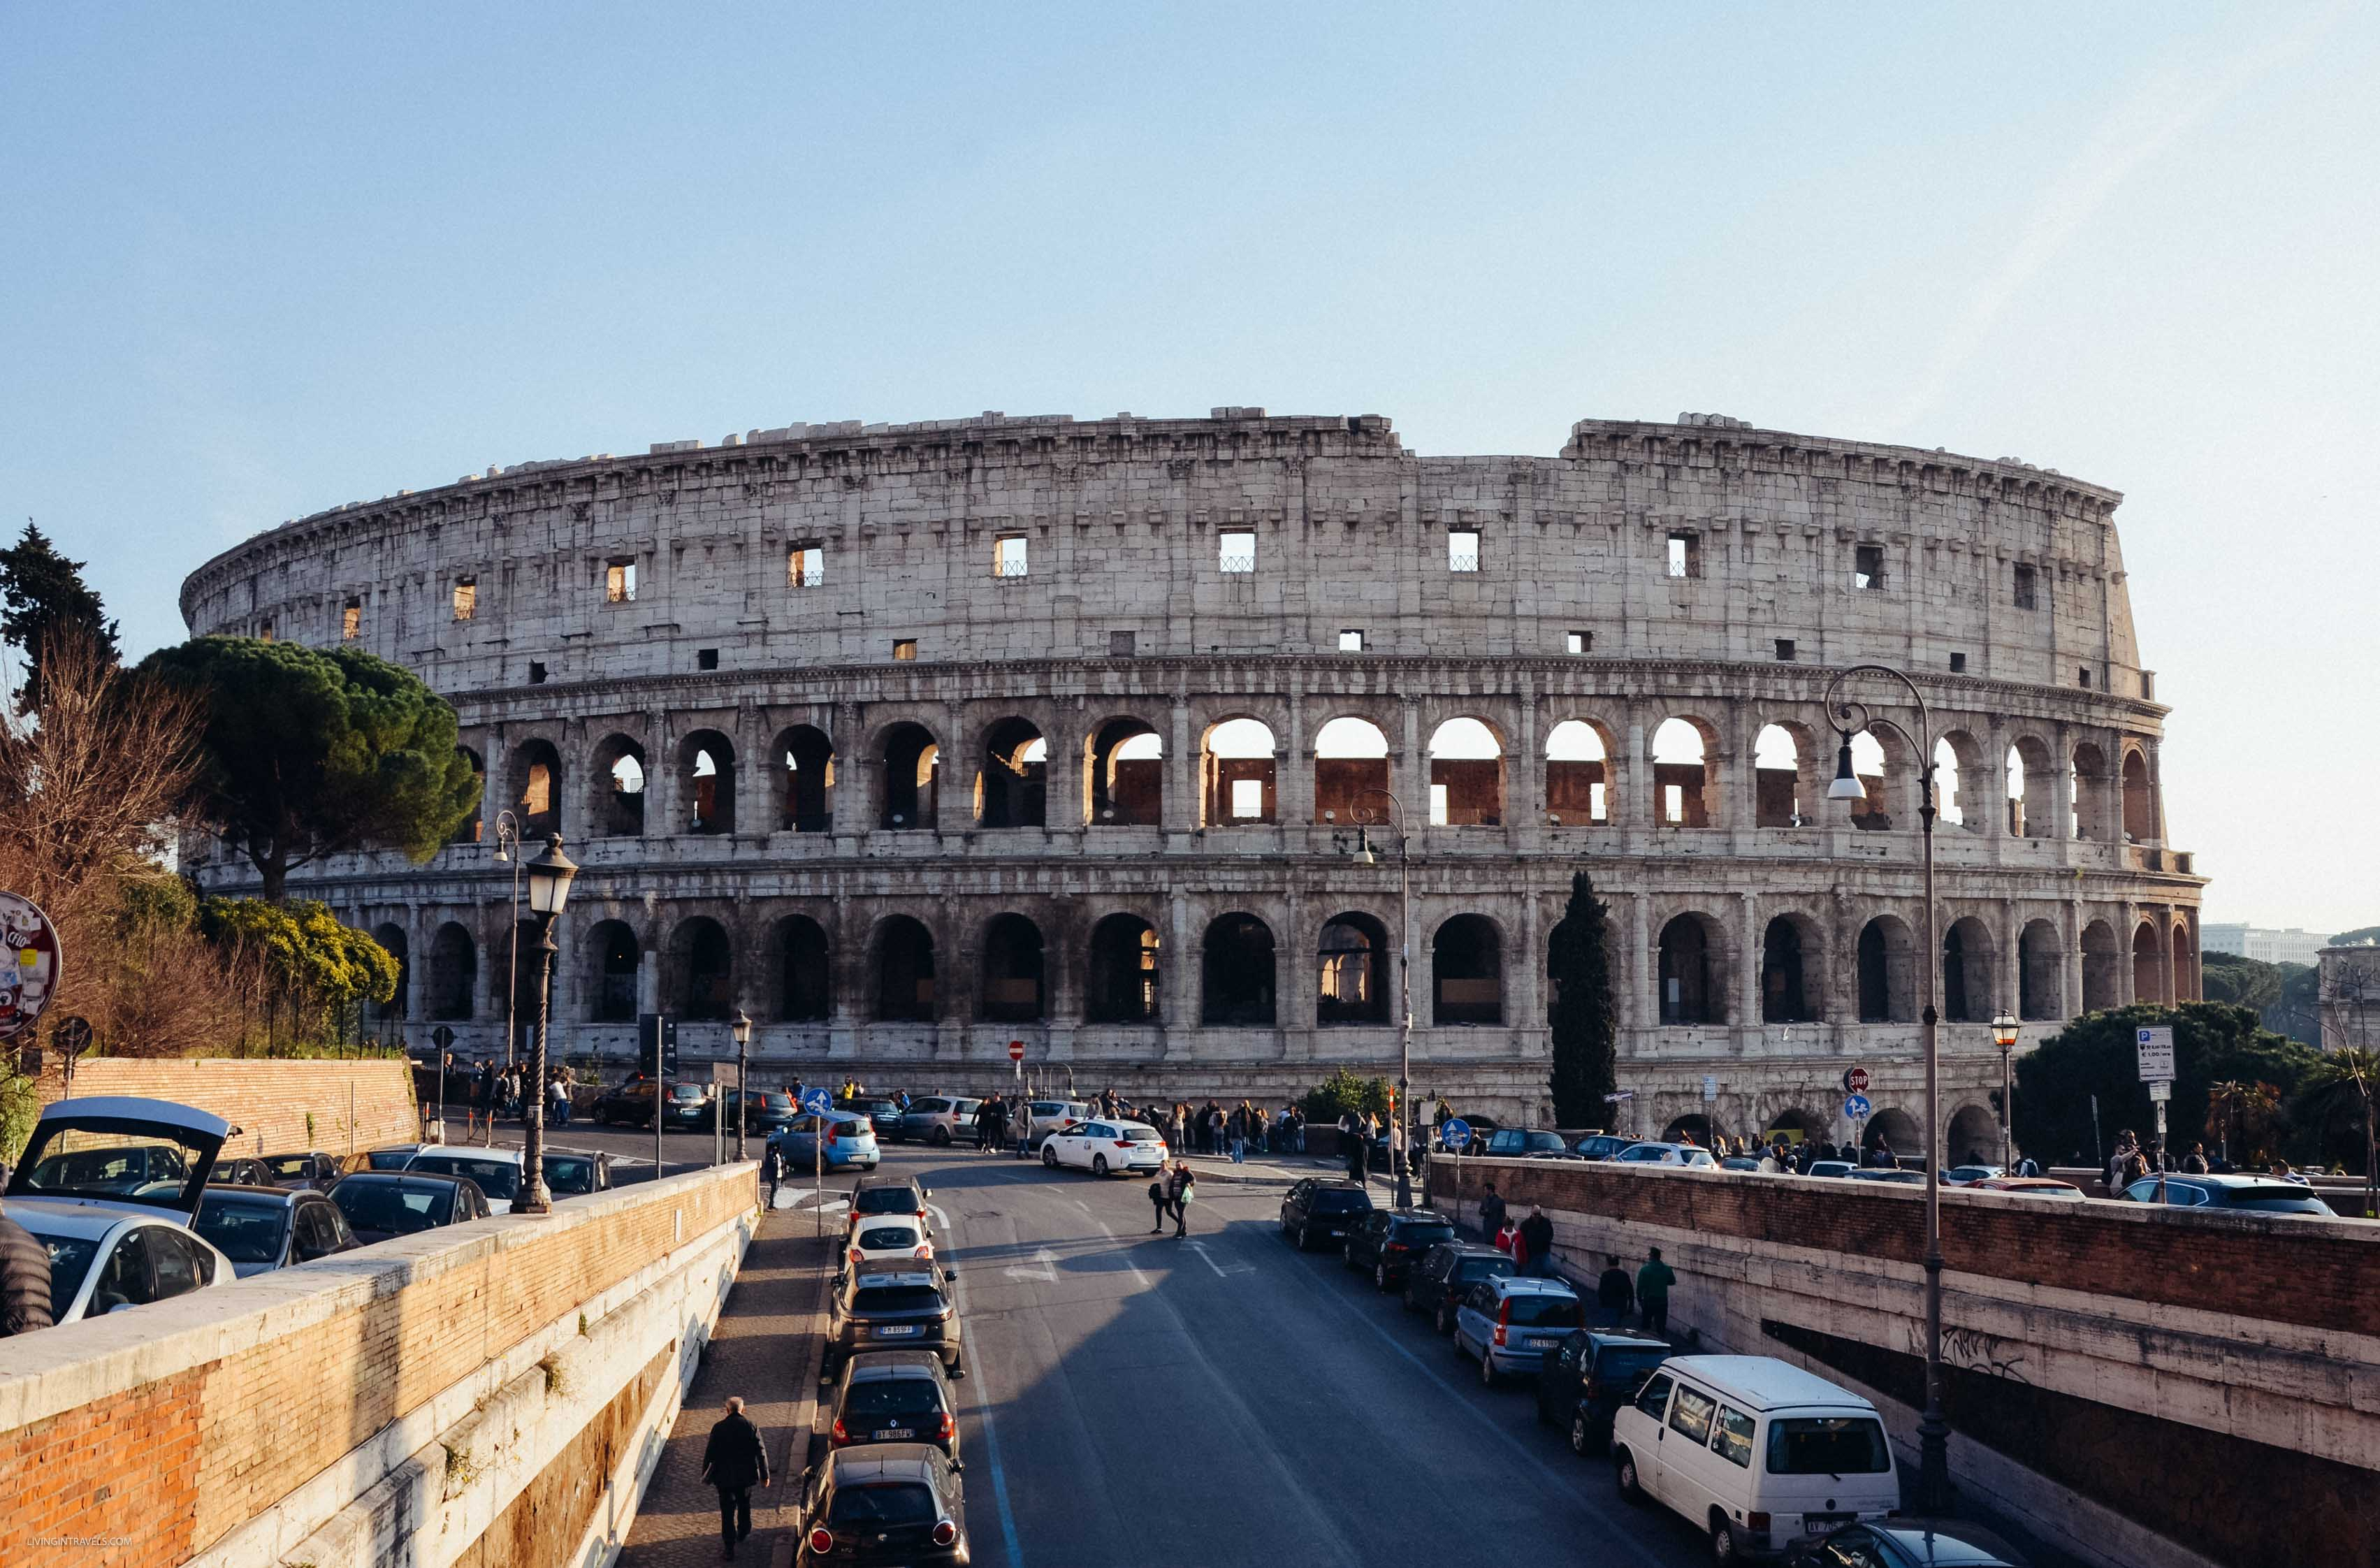 Колизей. Рим для новичков или как увидеть город бесплатно (почти)